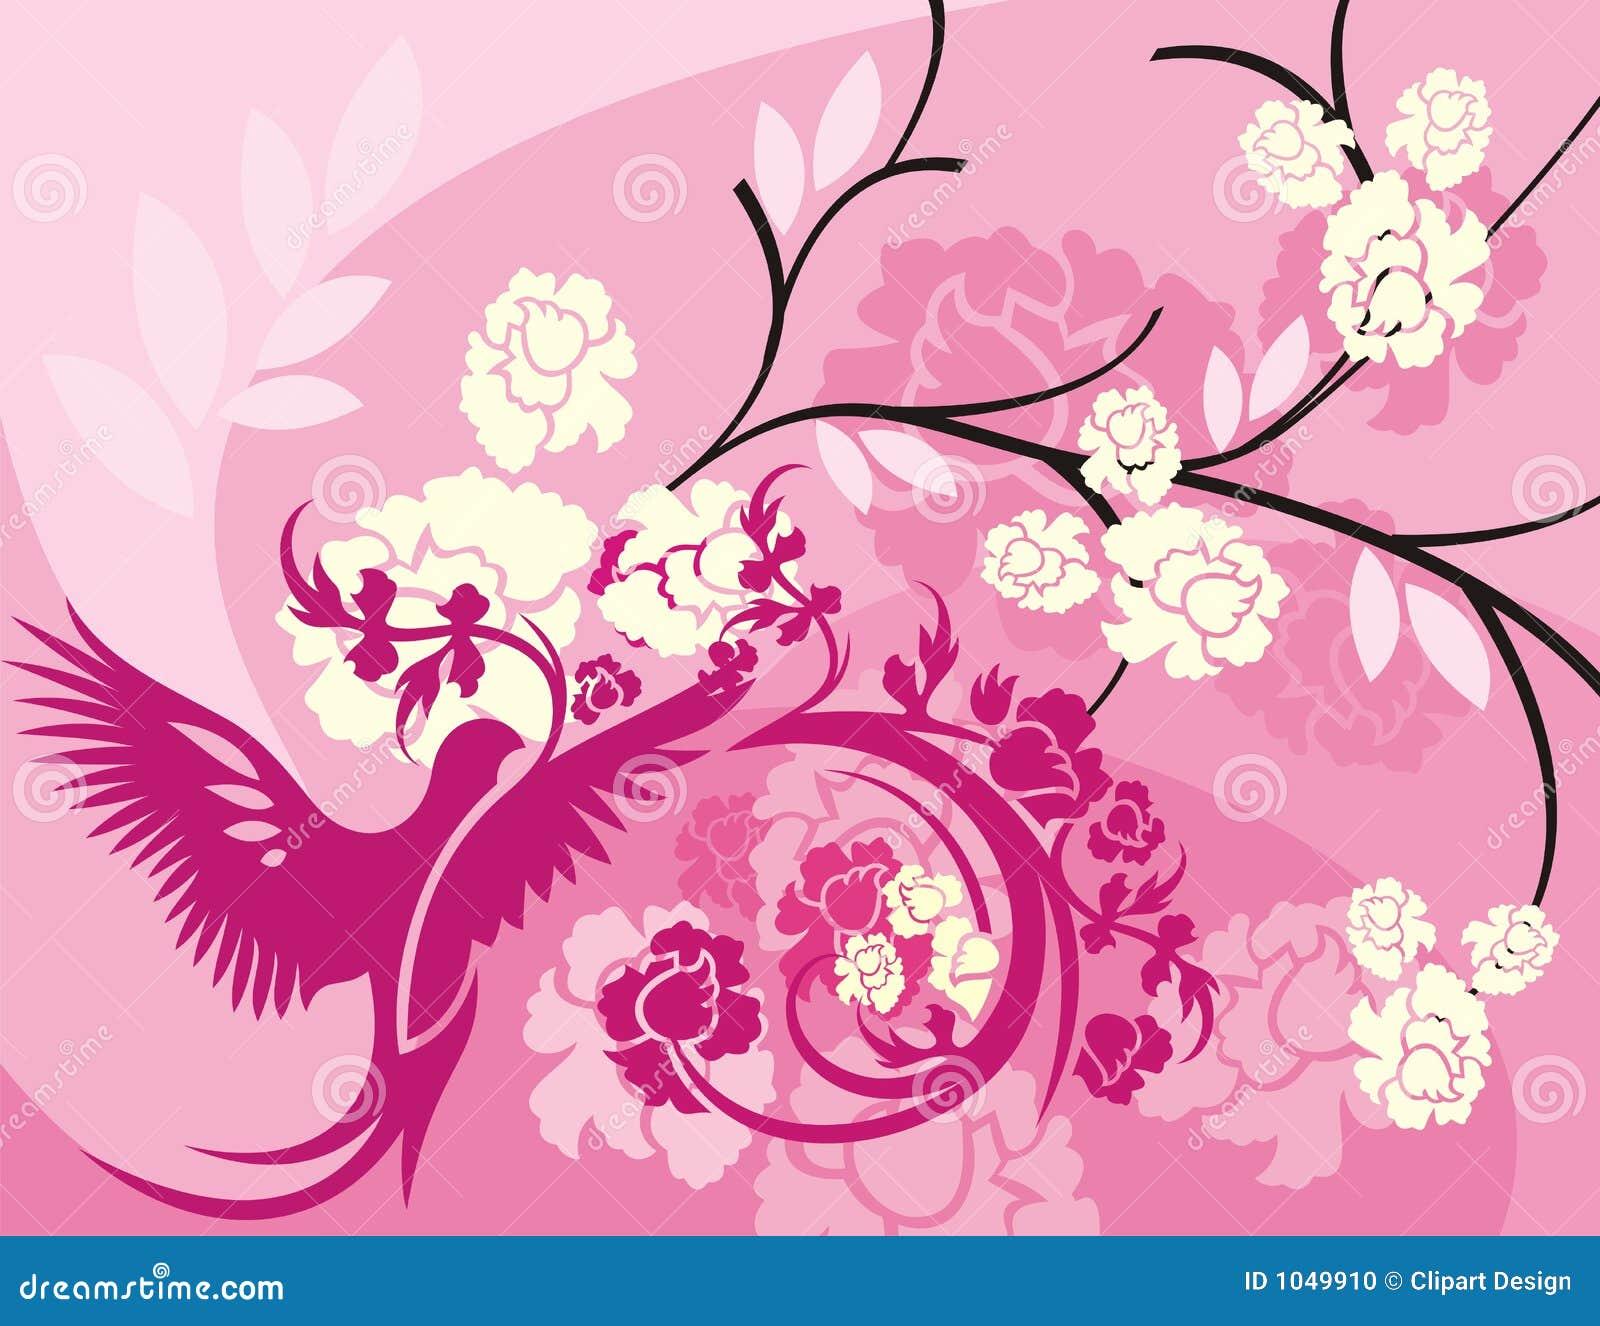 Serie floral del fondo del pájaro